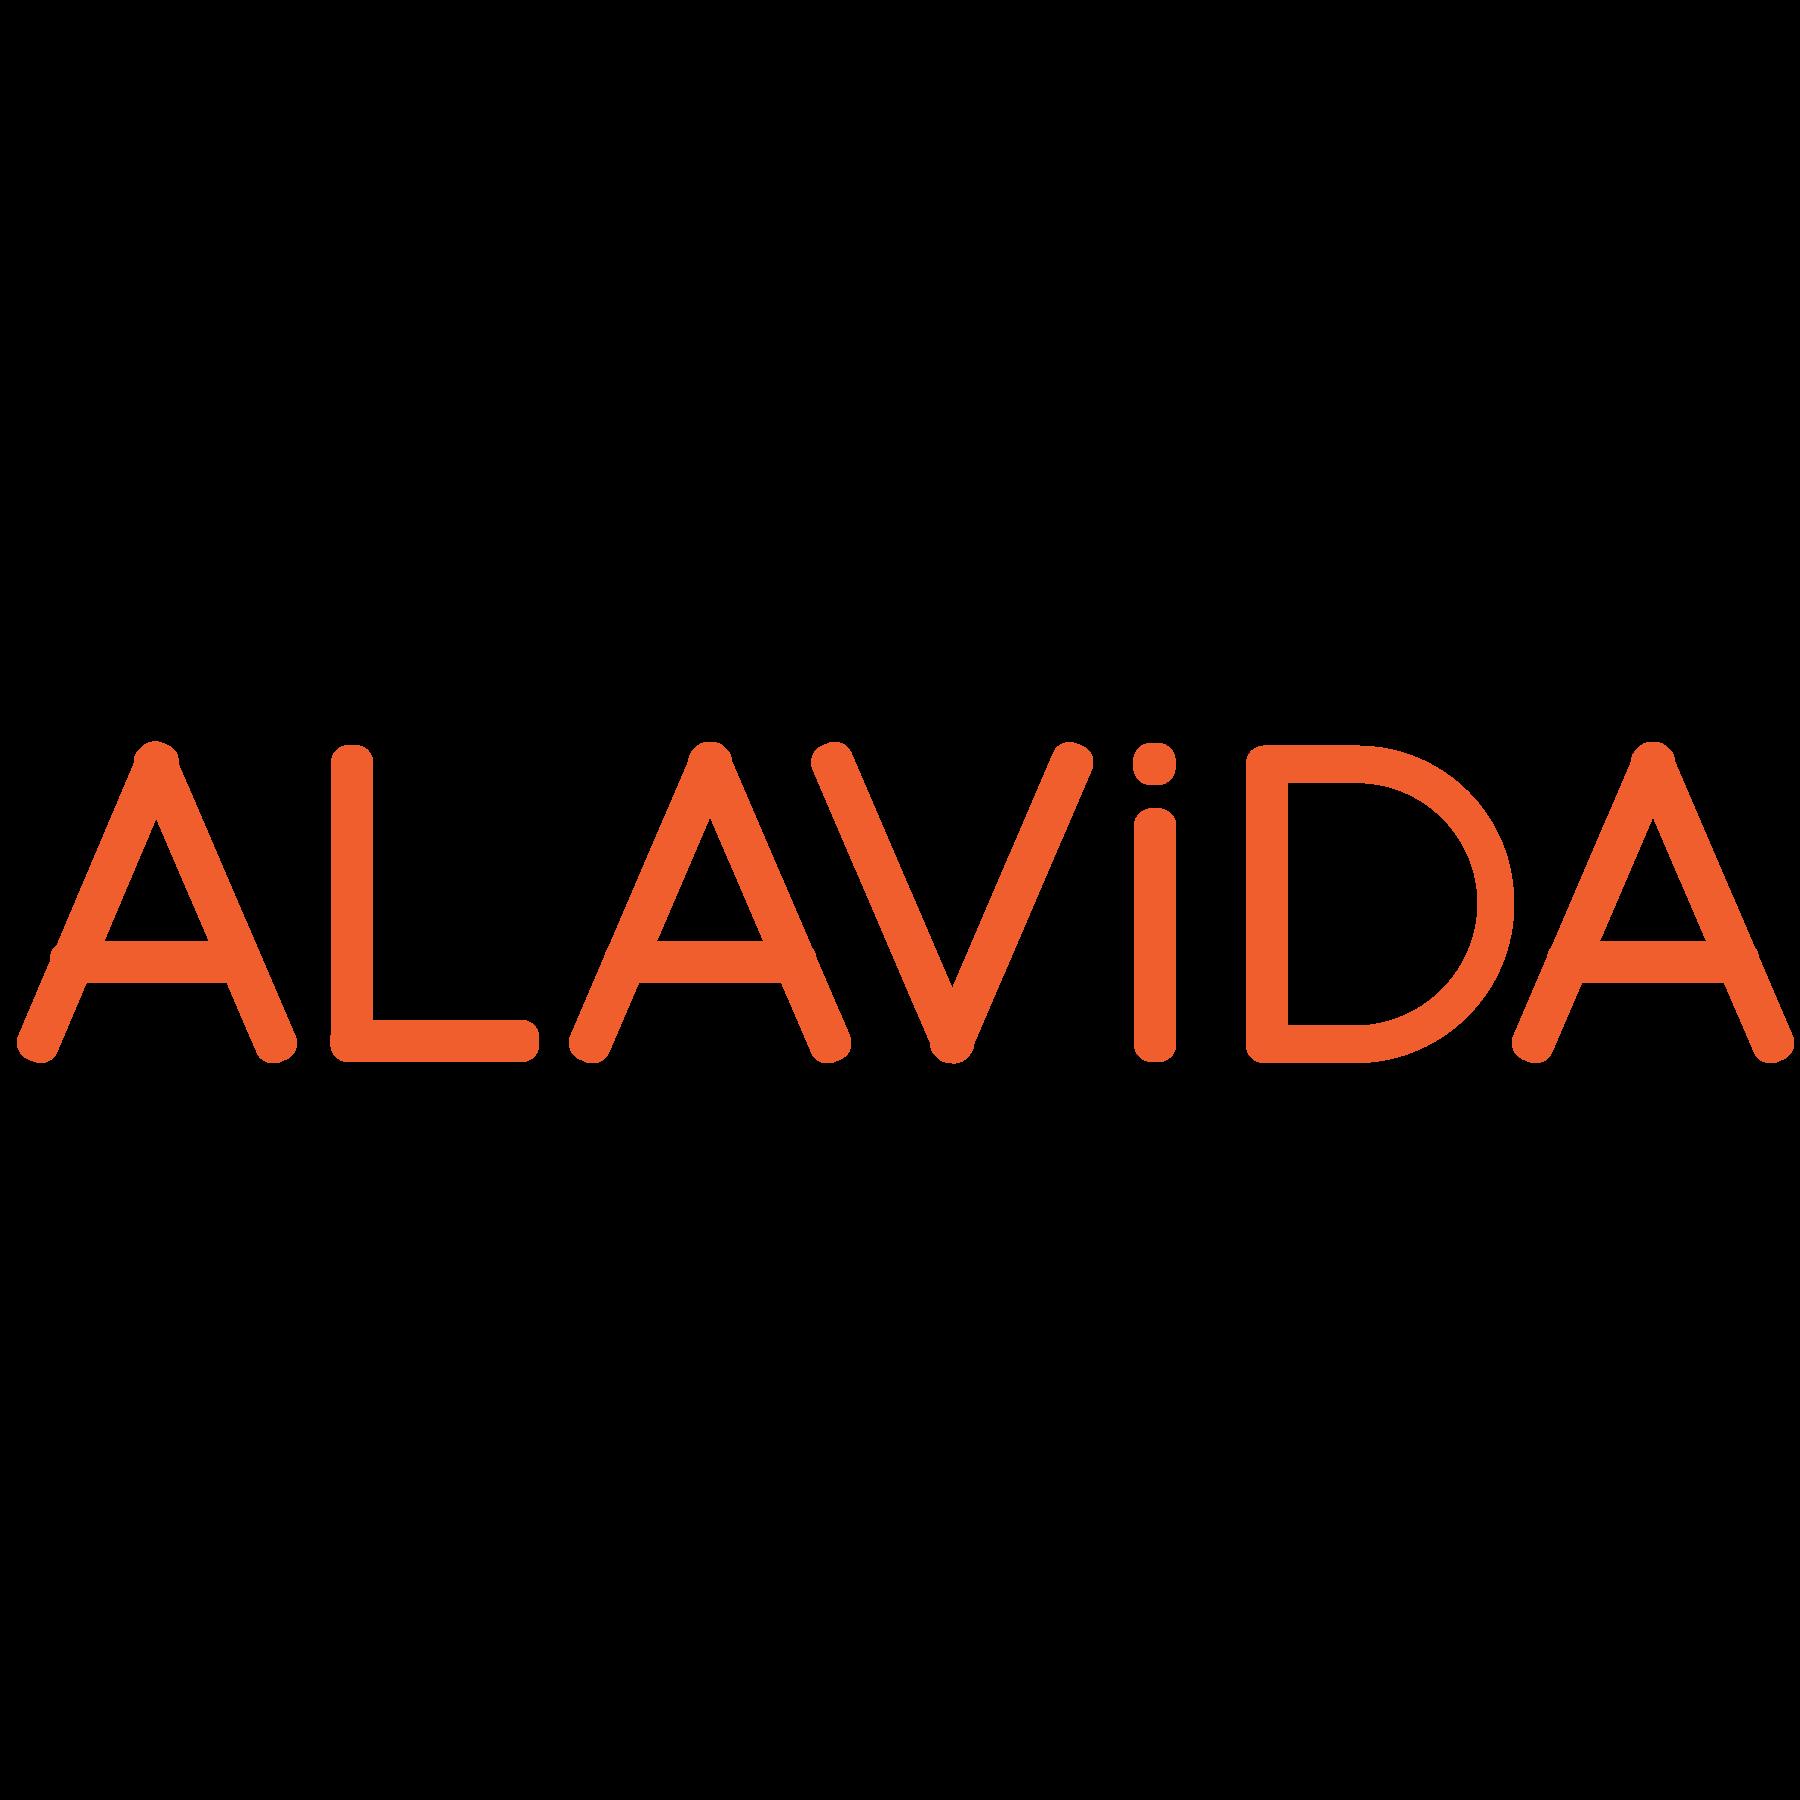 alavida.png